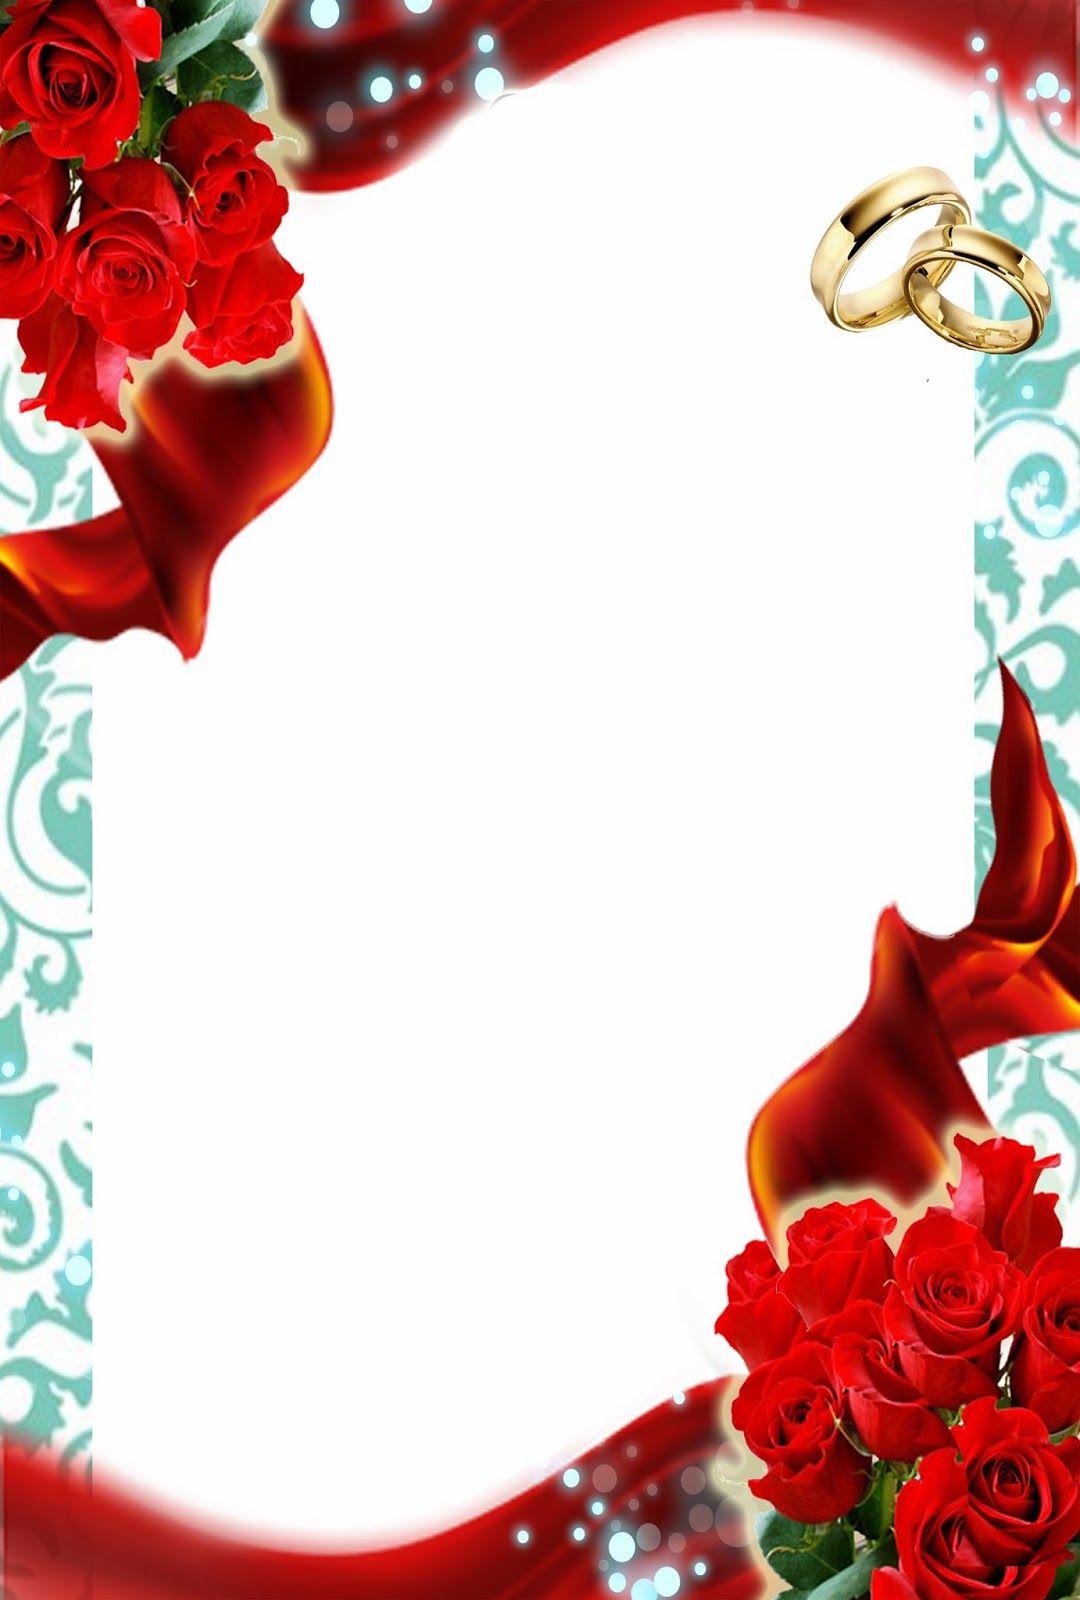 Marcos Para Boda Blanco Y Rojo Png Buscar Con Google Wedding Invitations Wedding Invitations